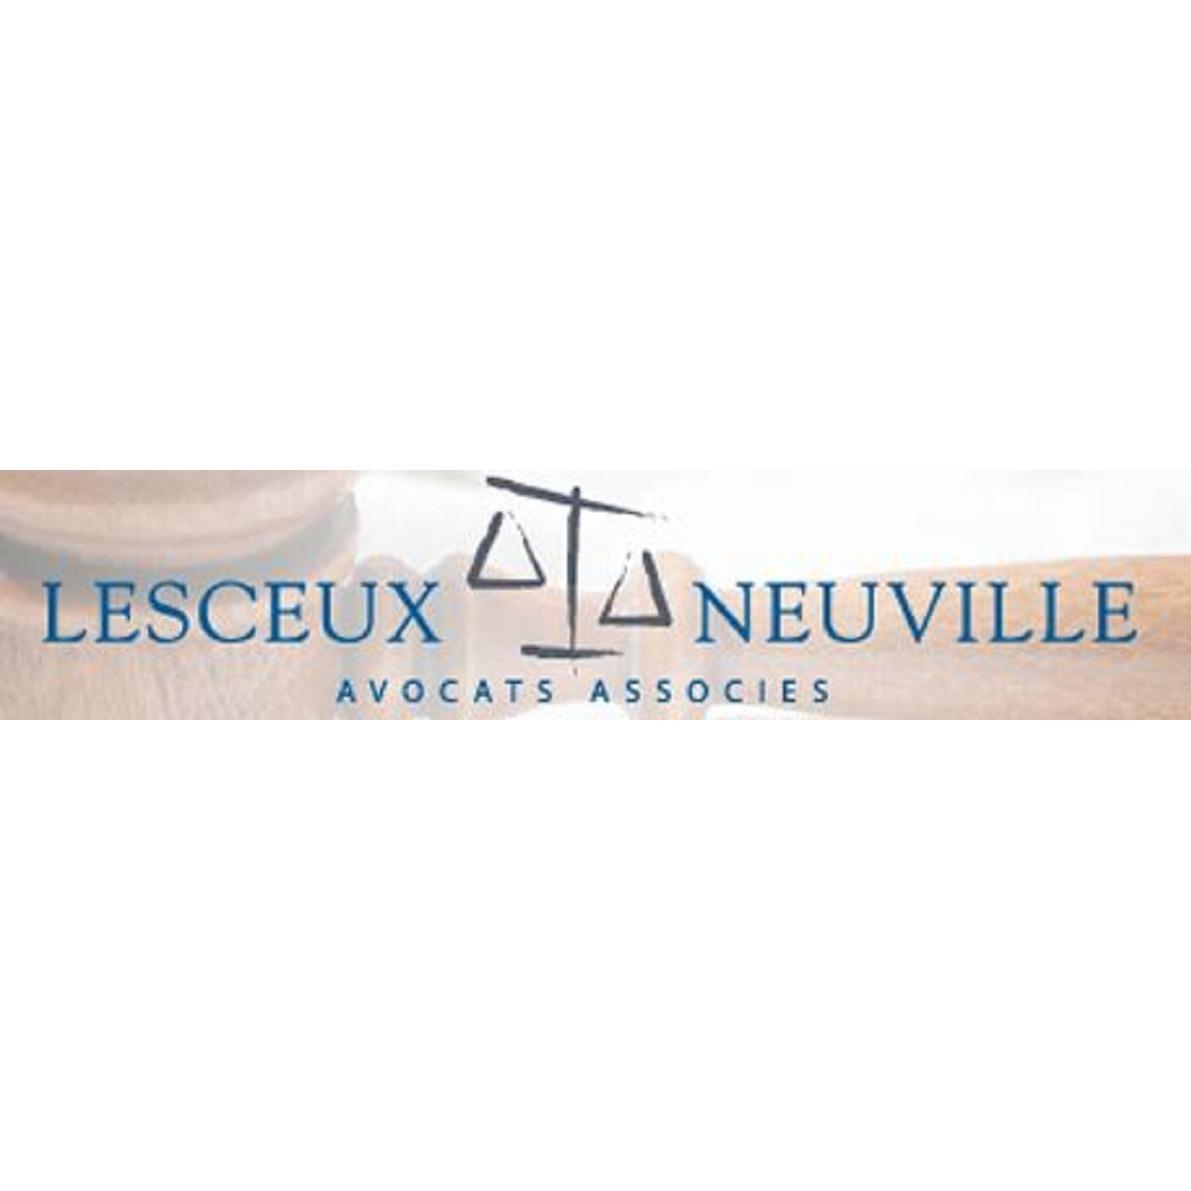 Lesceux - Neuville: Cabinet d'avocats à Marche-en-Famenne